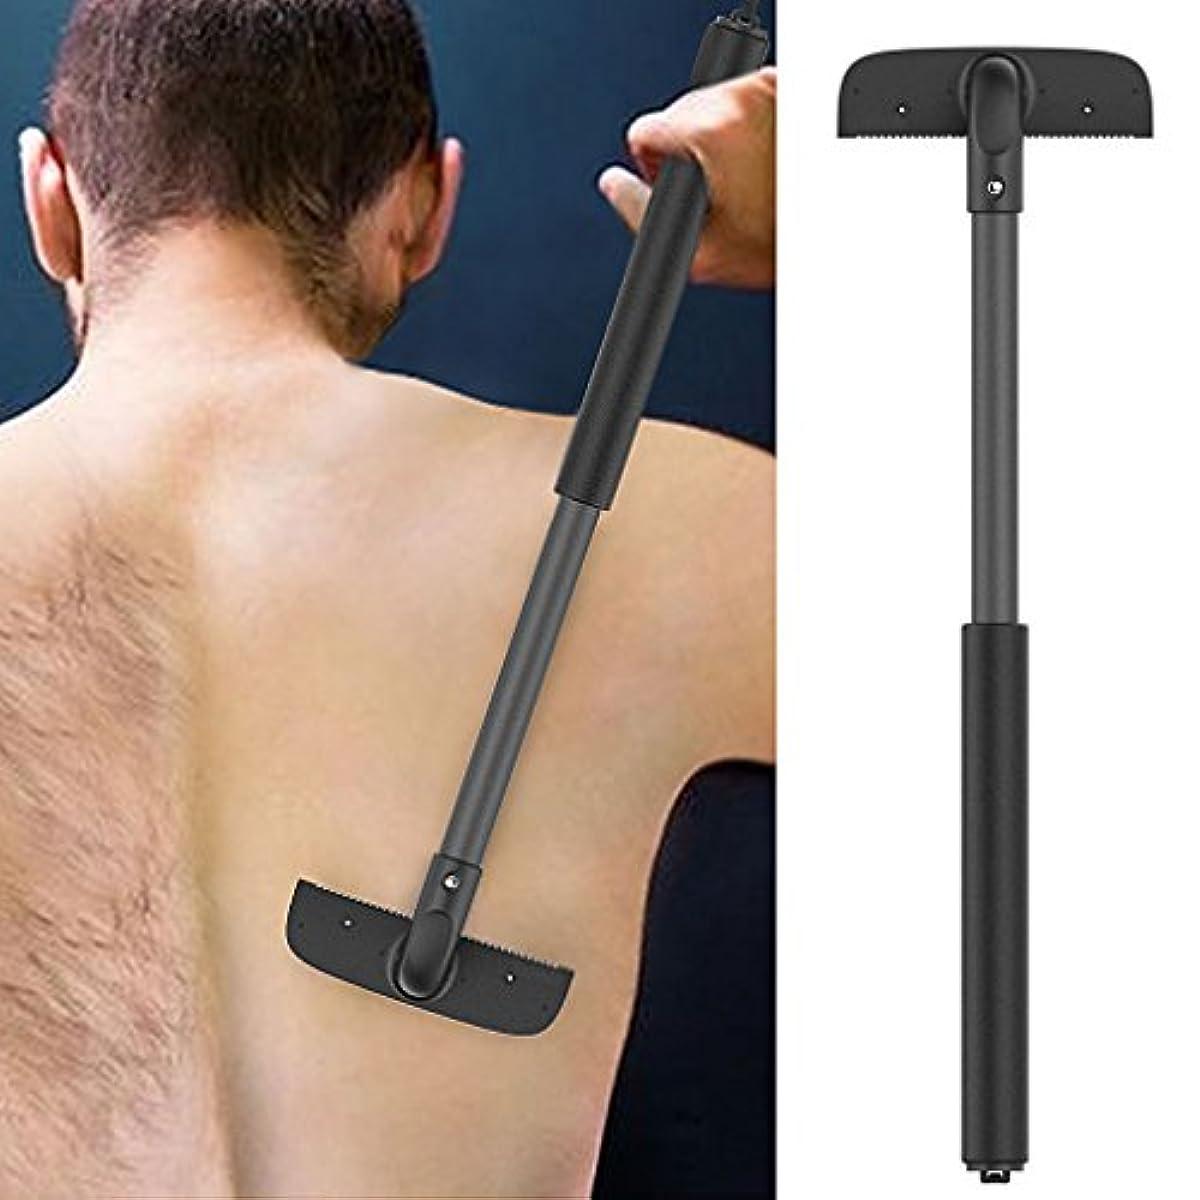 制裁周術期生き返らせるバックヘアとボディシェーバー、Back Hair Removal And Body Shaver,男性のための剃刀、調節可能なハンドル、伸縮可能なトリマー剃刀セルフグロマーツール